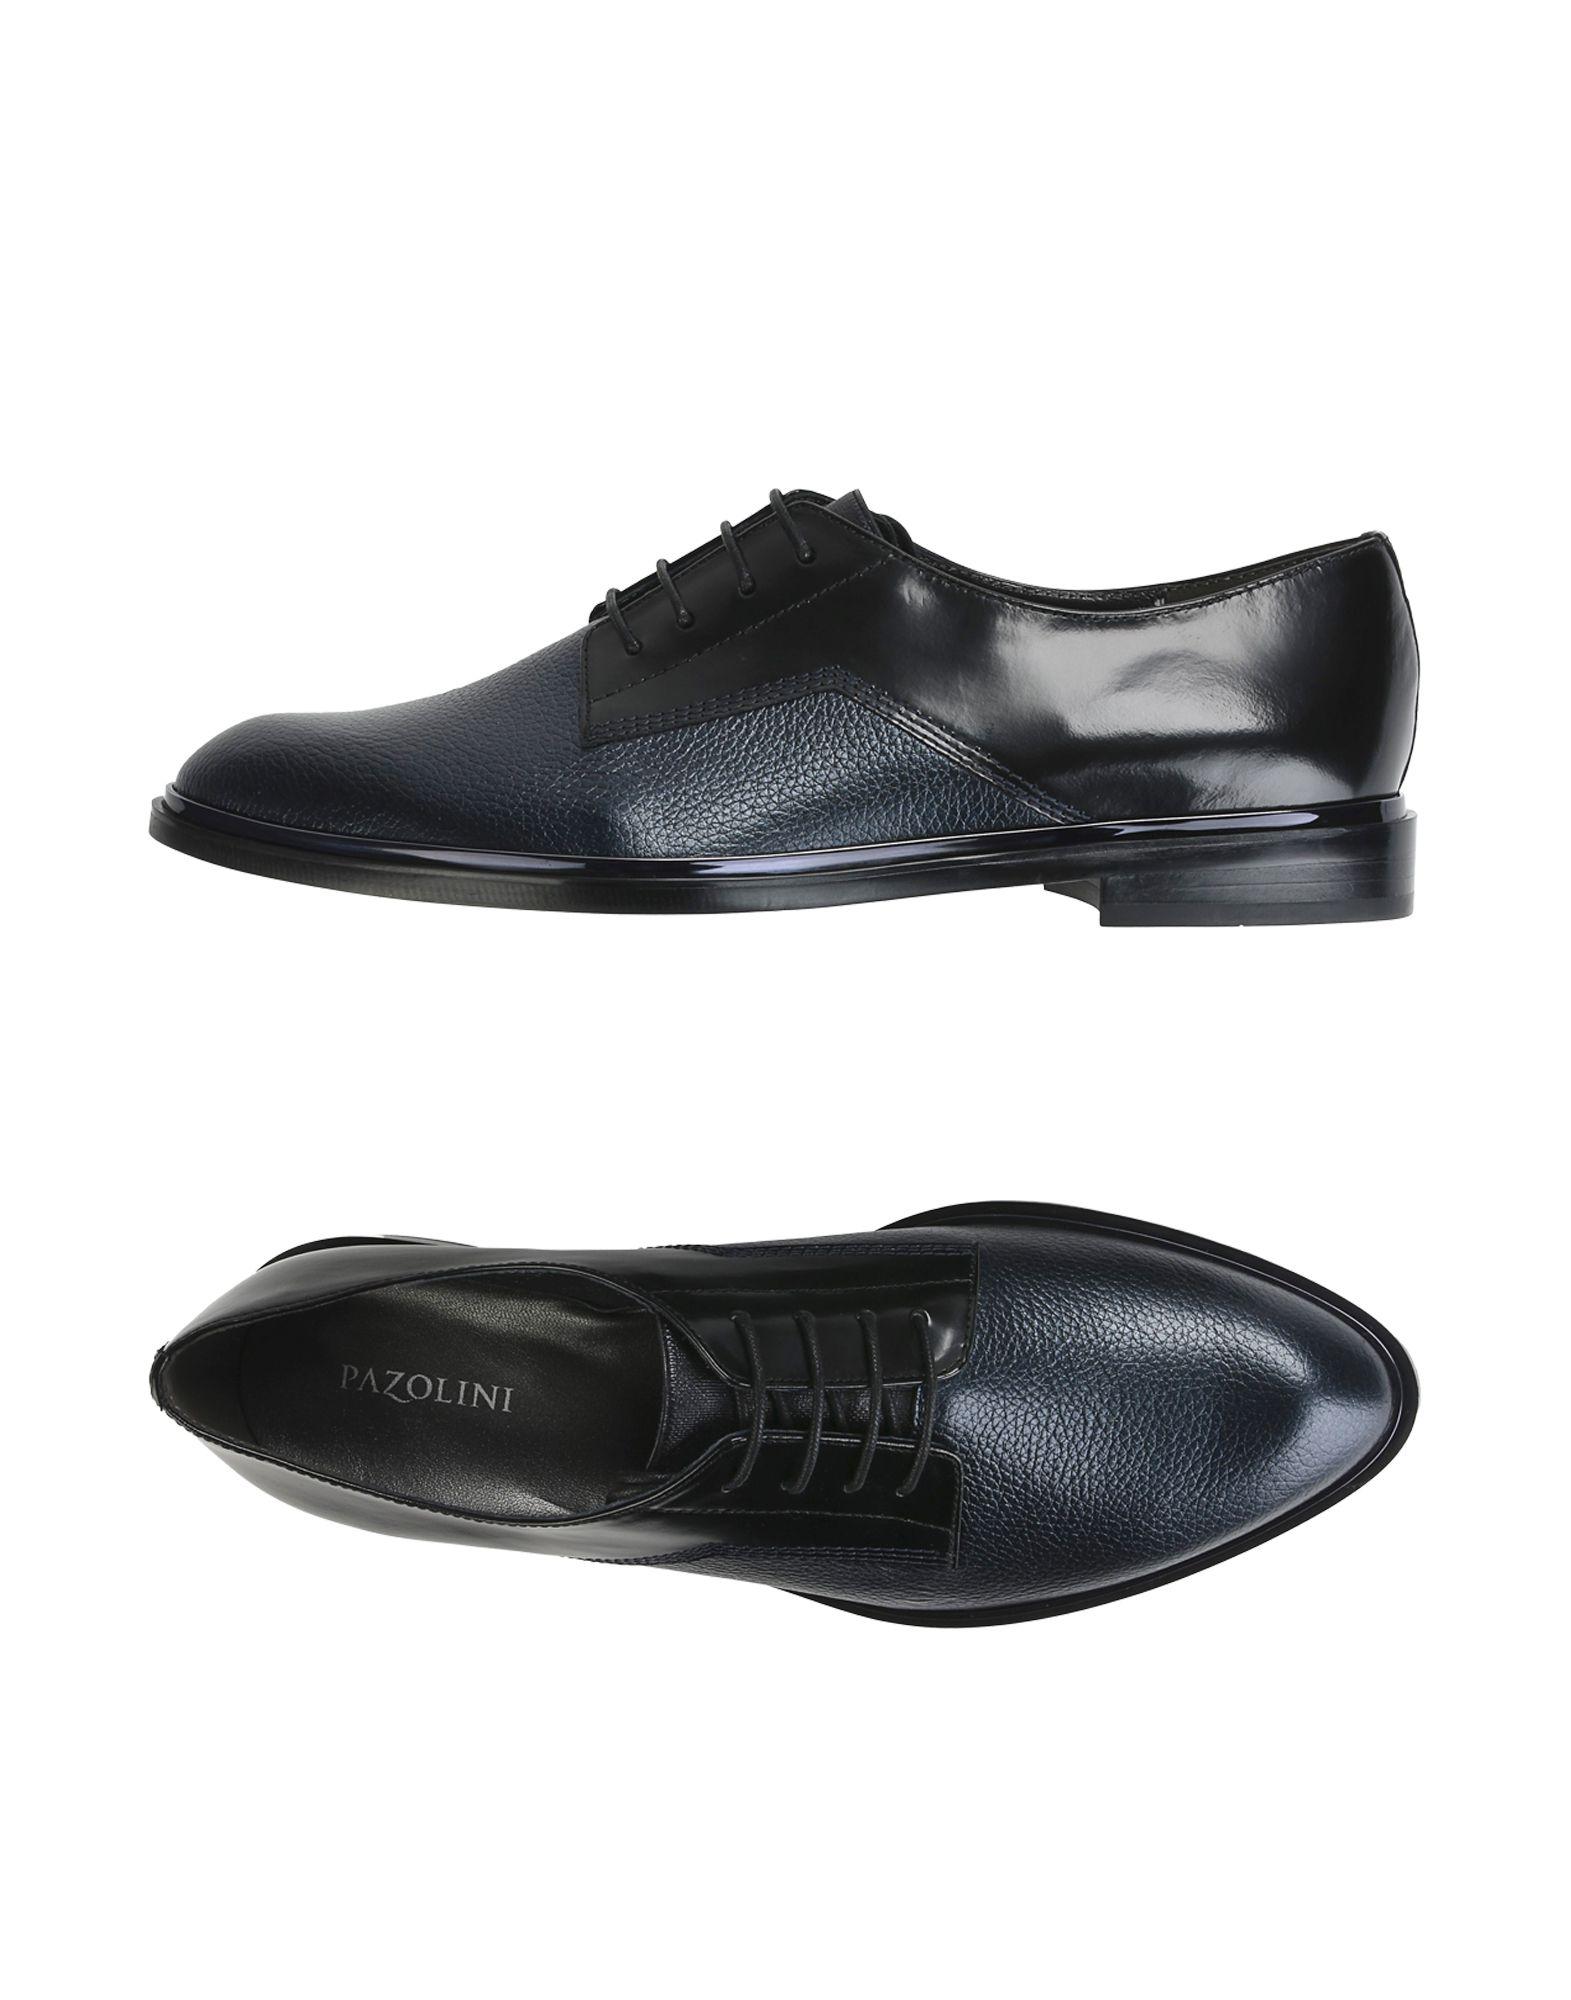 Carlo Pazolini Shoes Price